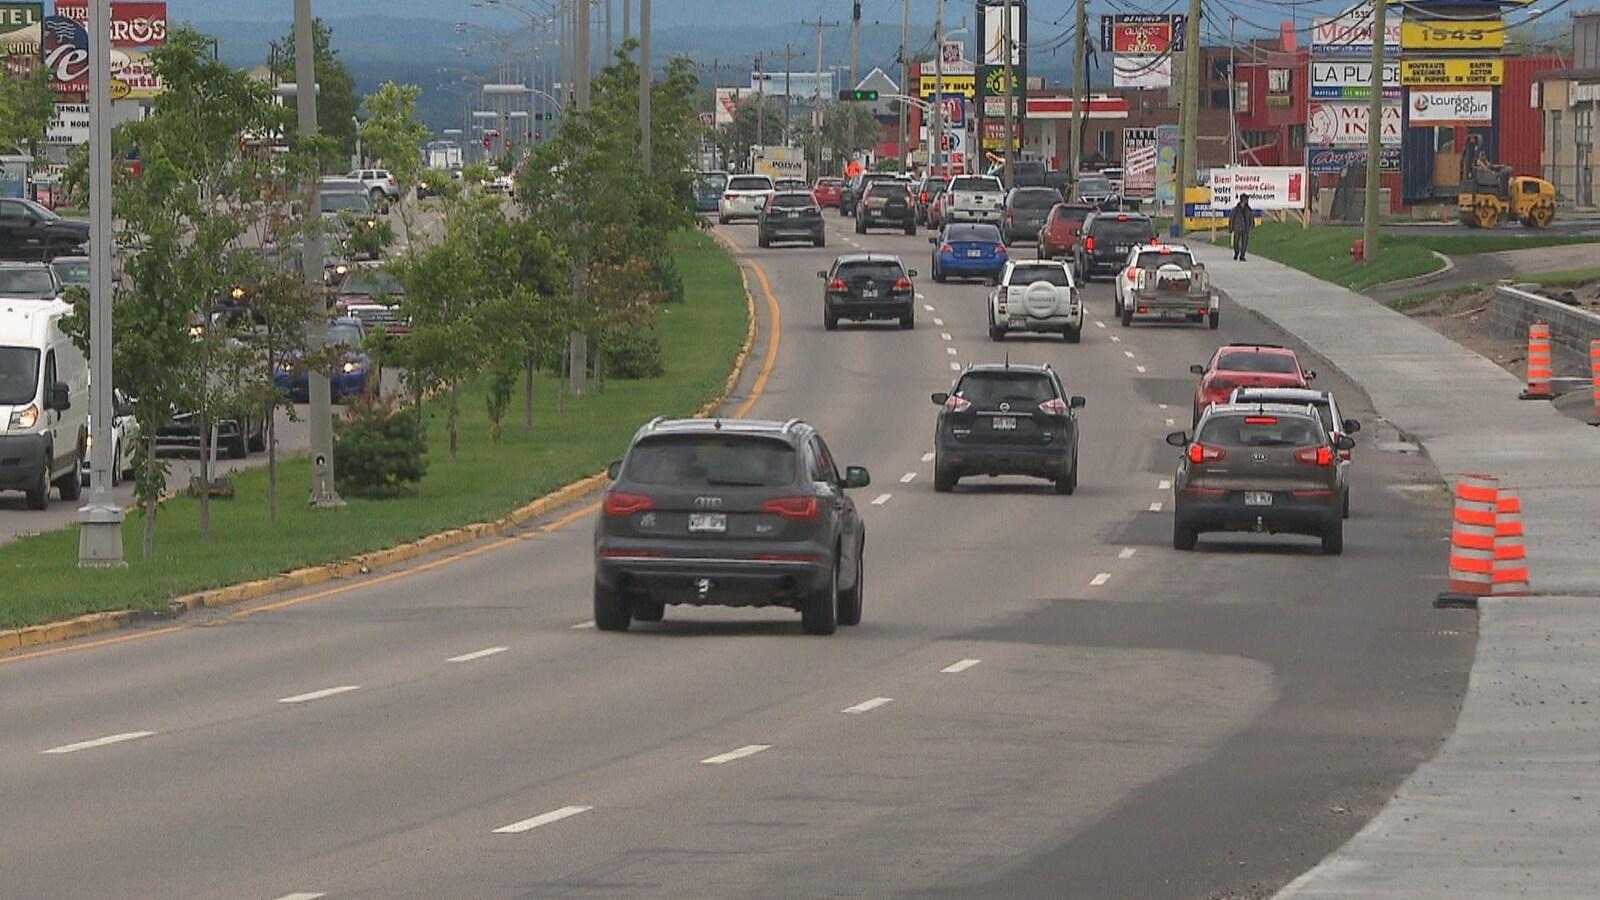 Des voitures circulent sur les trois voies du boulevard Talbot alors qu'un piéton marche sur le trottoir.